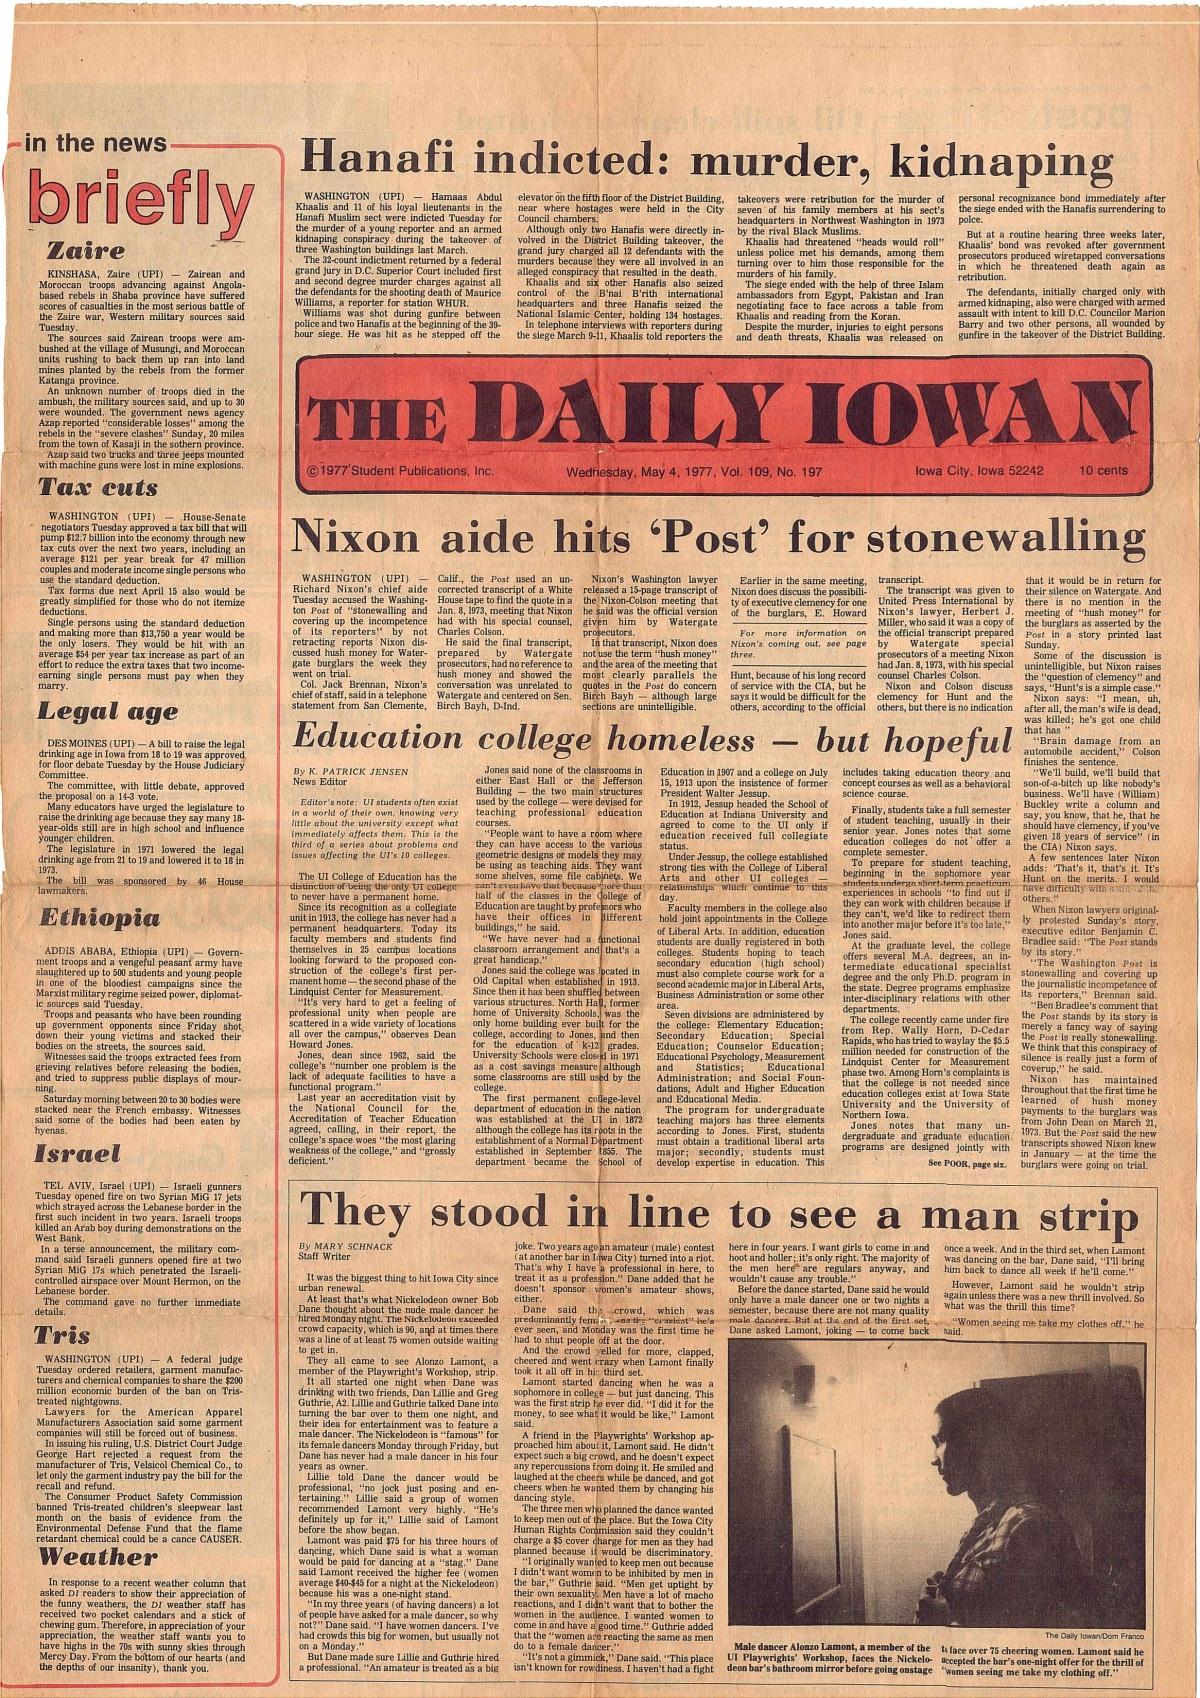 AL in the Daily Iowan color copy